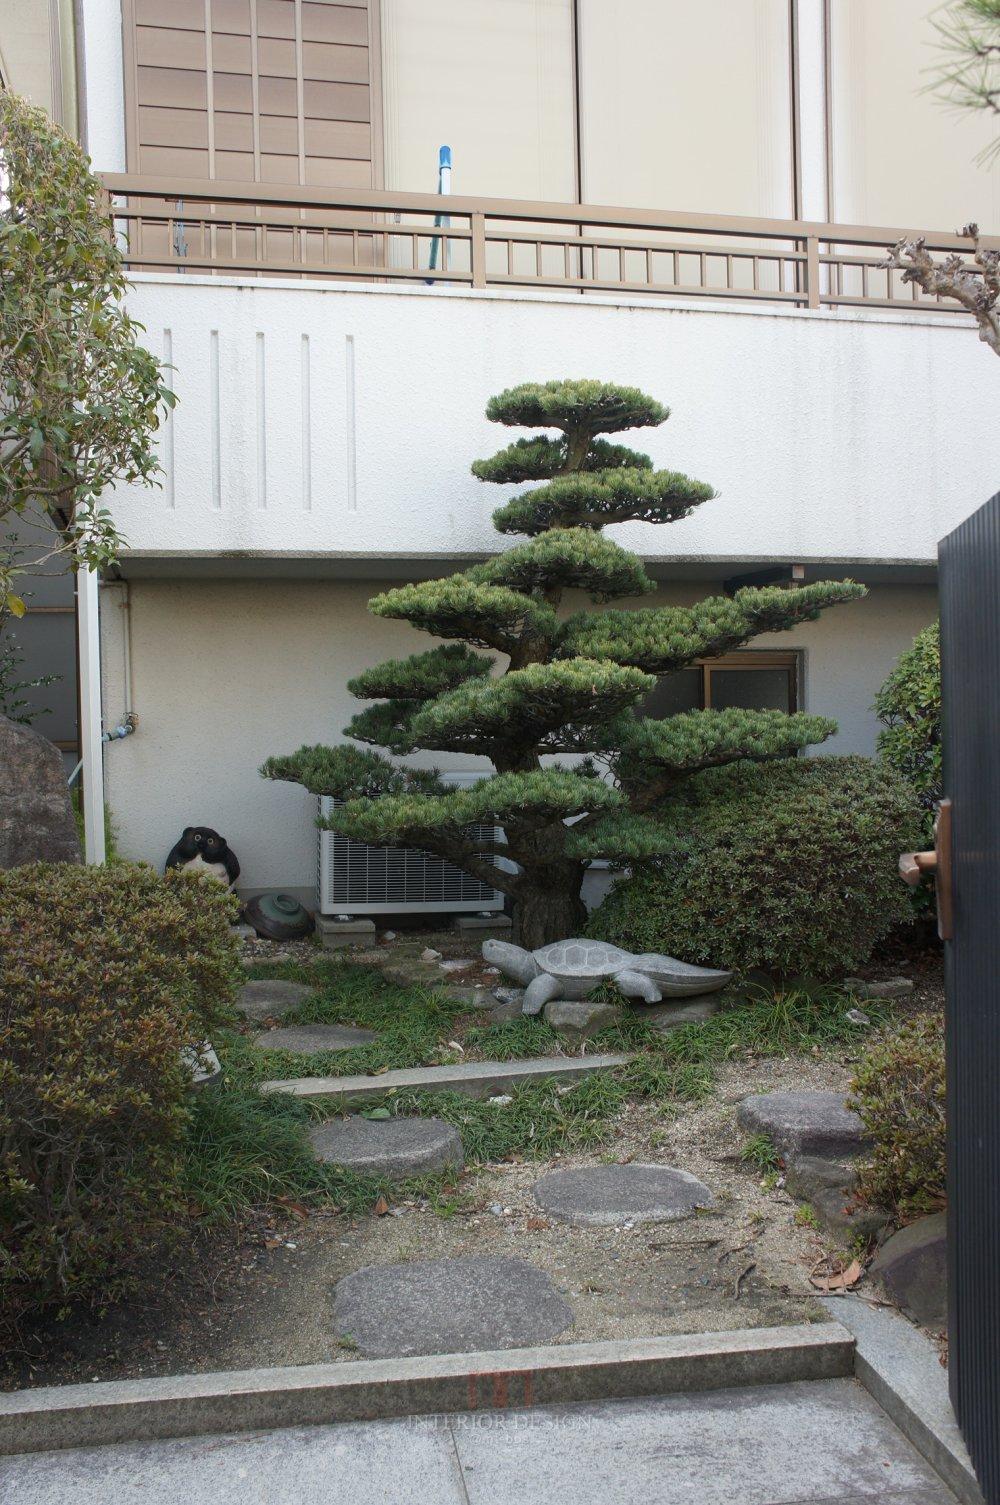 #伙伴一起看日本#  日本设计考察分享(更新美秀美术馆)_DSC05849.JPG